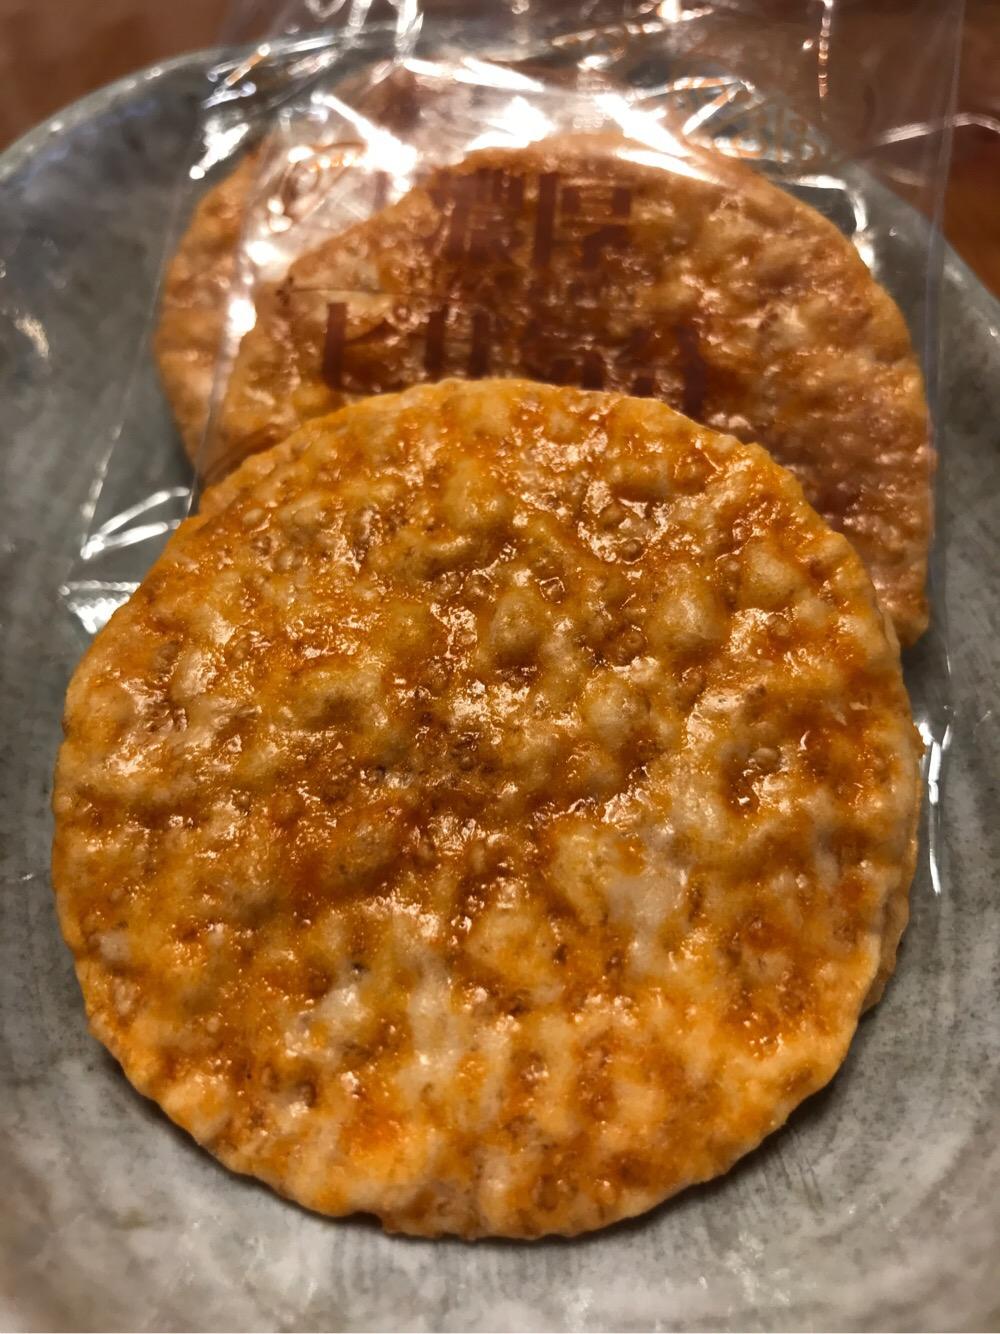 三幸製菓のピザ気分もう食べた?濃厚なピザの香りが口いっぱいに広がるよ